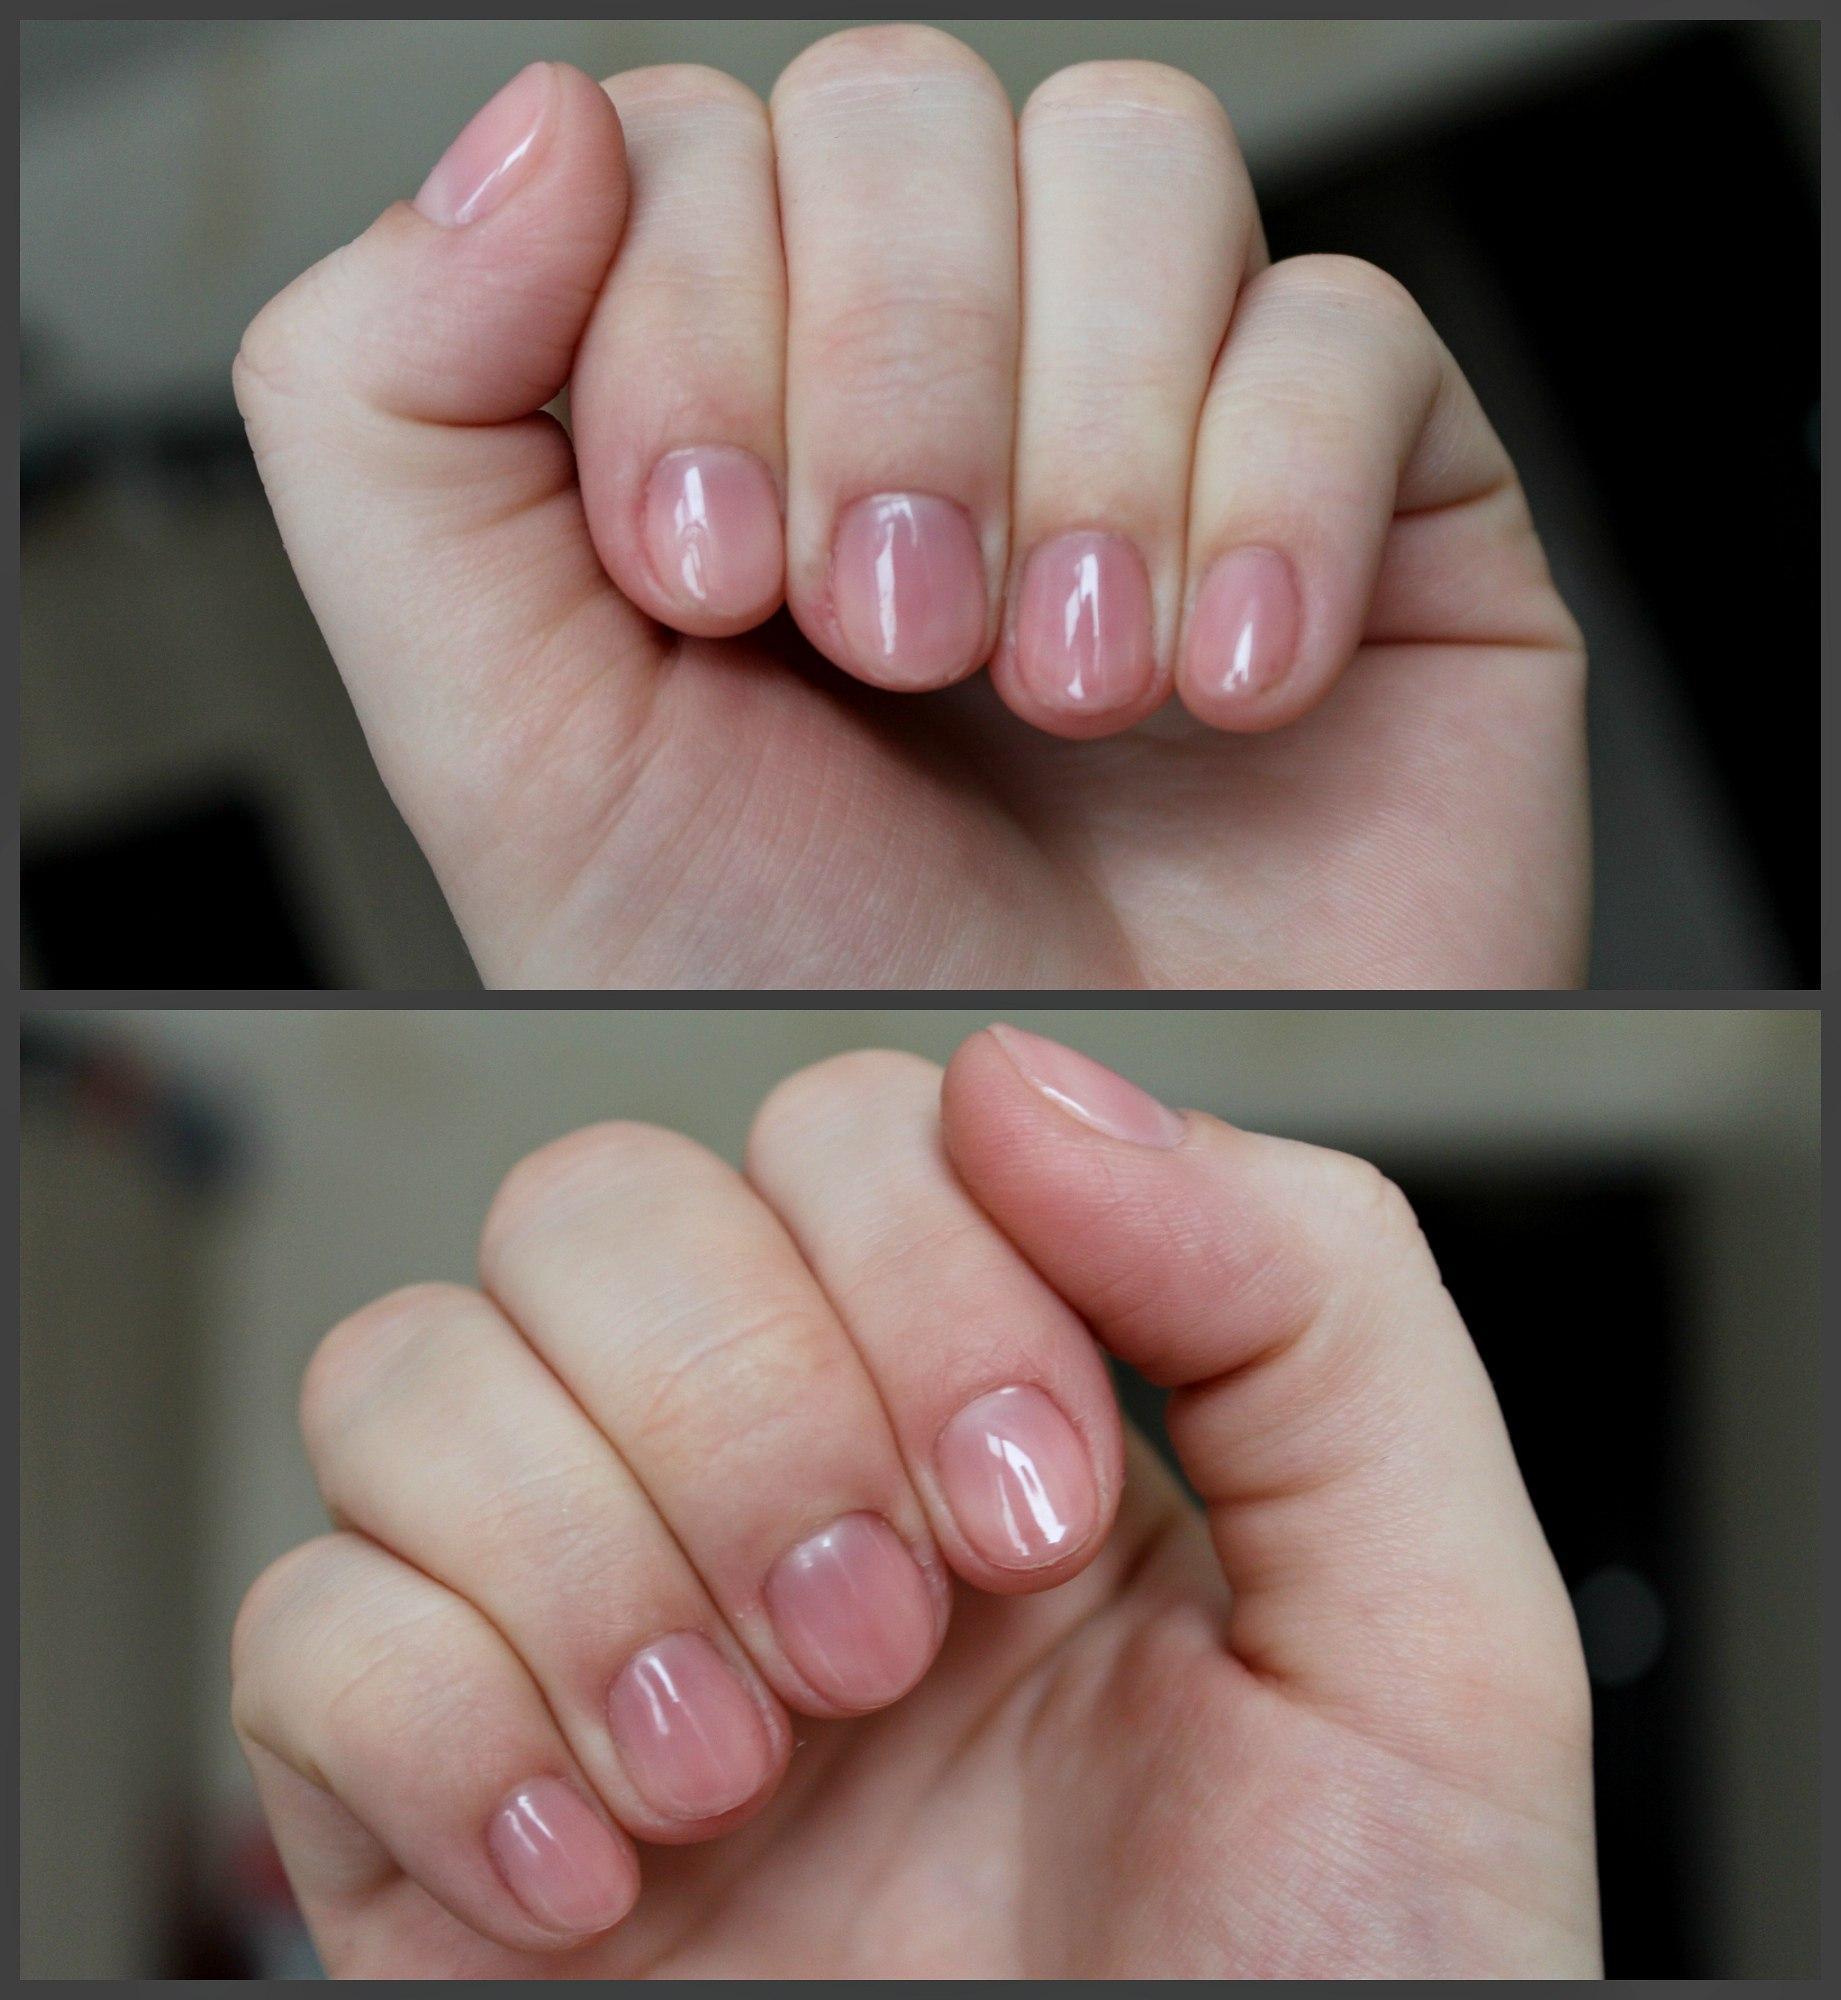 Гель-лак натурального цвета для коротких ногтей